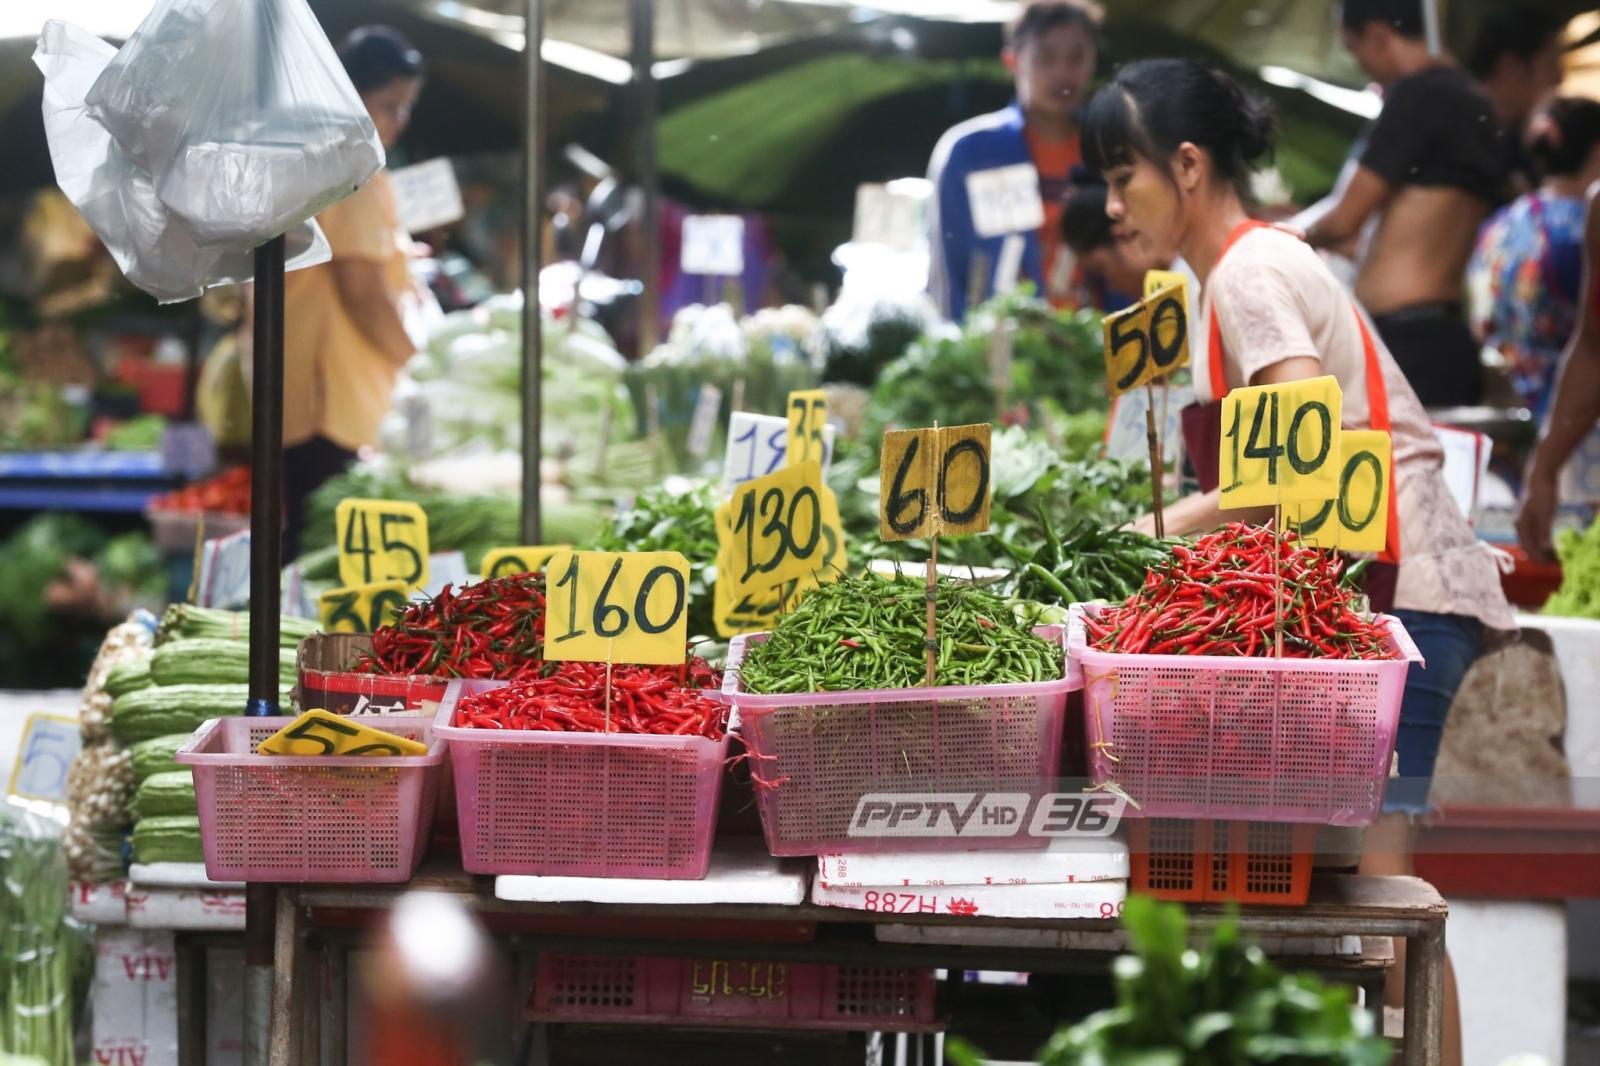 อาหาร-เครื่องดื่ม แพงขึ้น 3.12% แต่น้ำมันถูกลง ดึงเงินเฟ้อโตชะลอตัวลง 0.87%